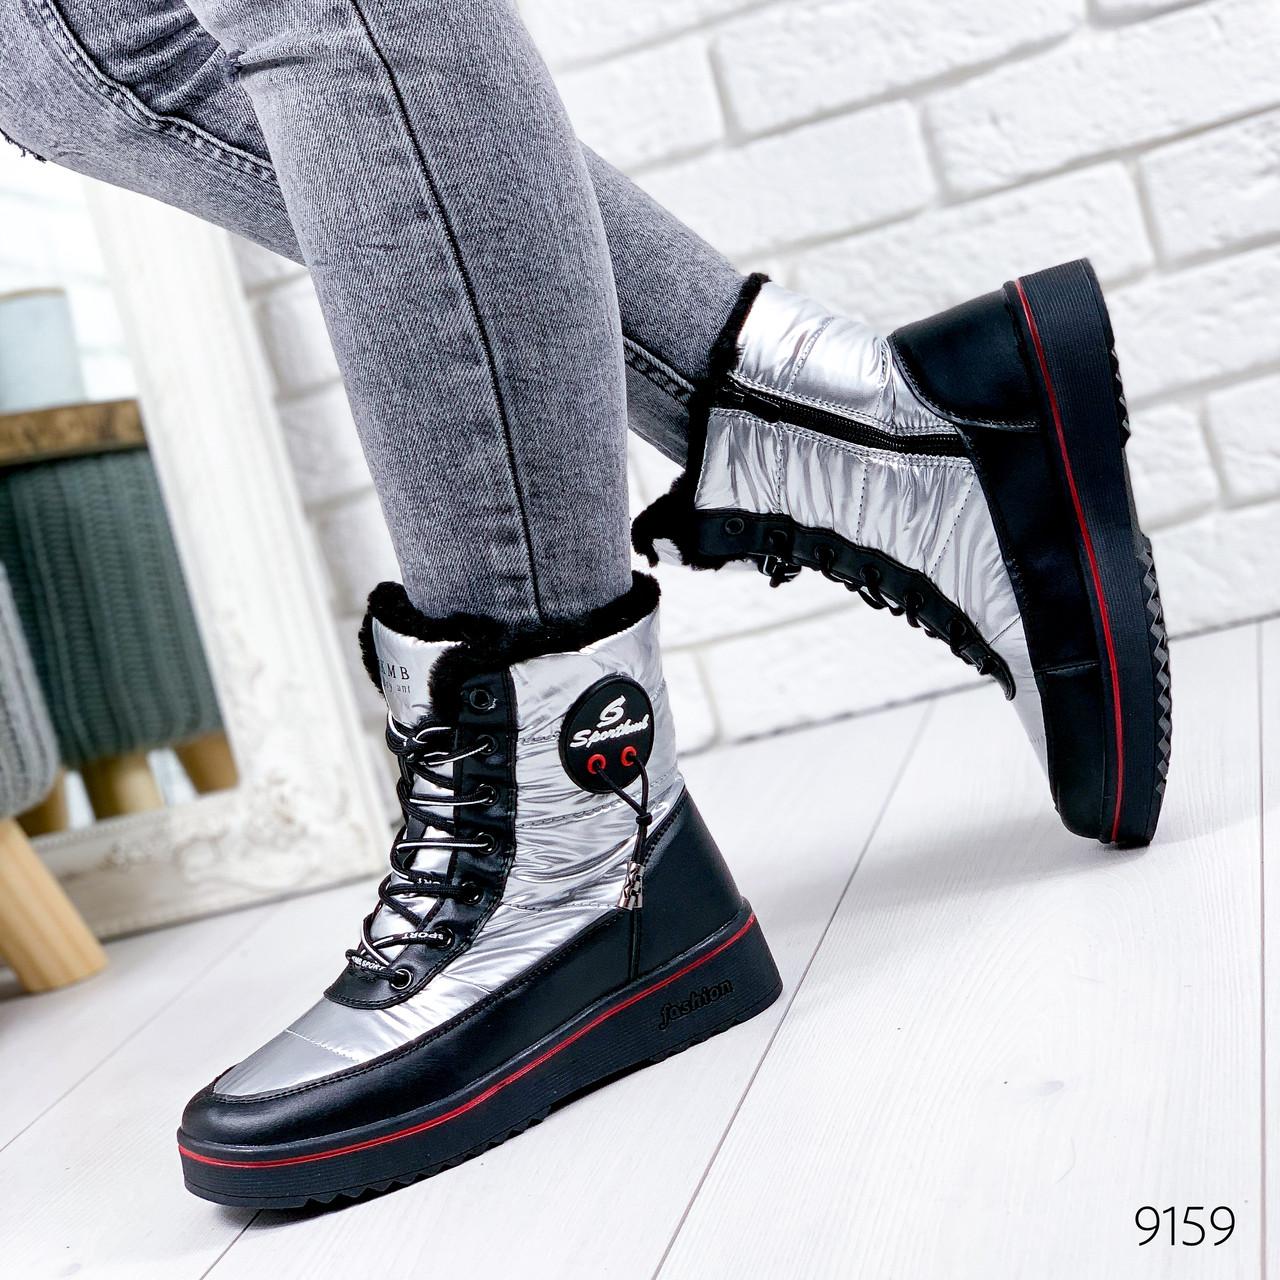 Ботинки женские Glow F серебро  + черный 9159